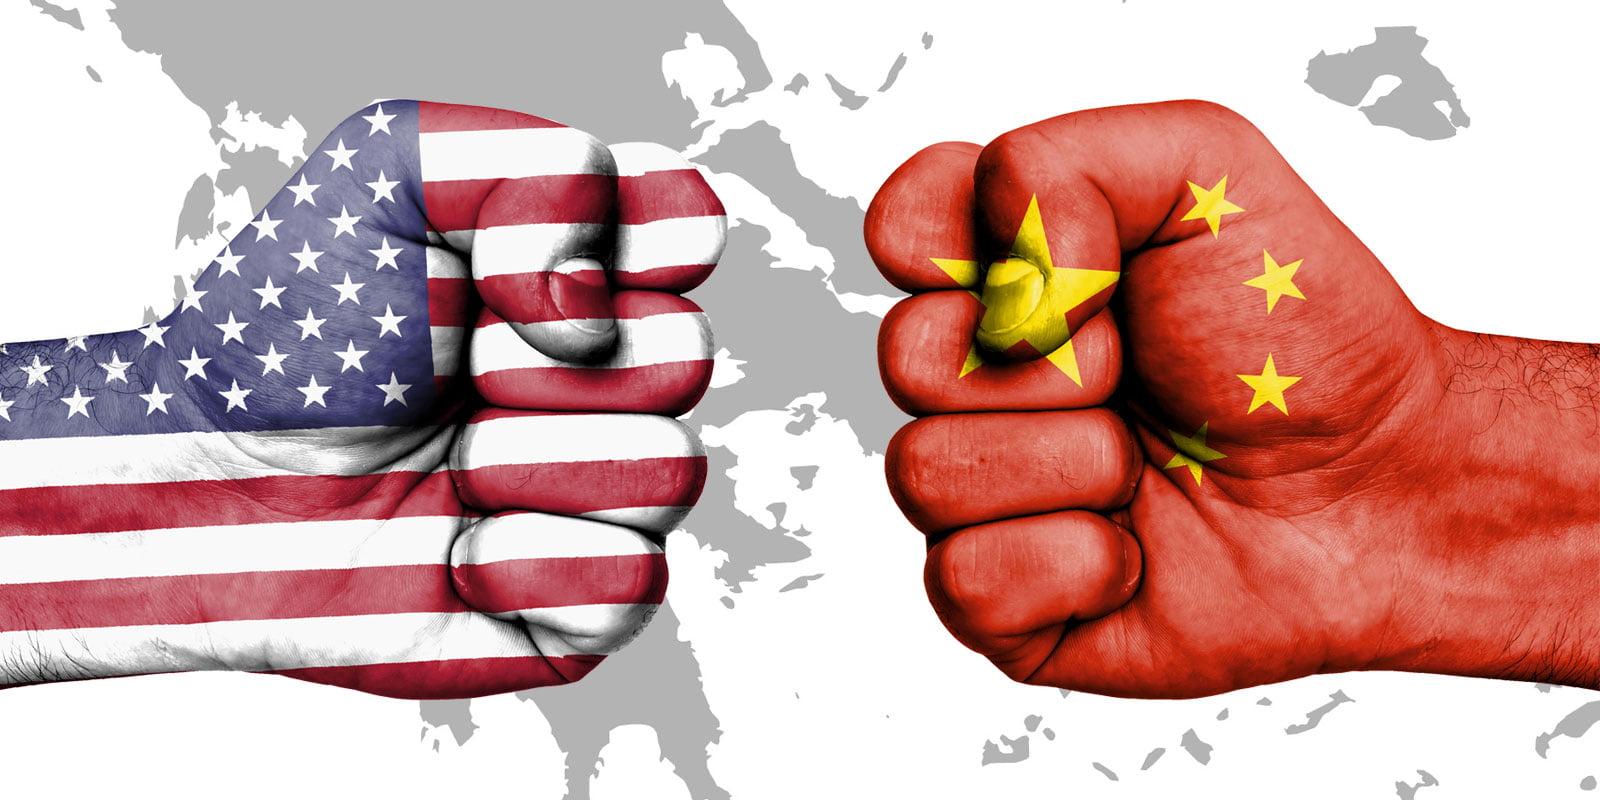 Ο σινοαμερικανικός ανταγωνισμός επί ελληνικού εδάφους